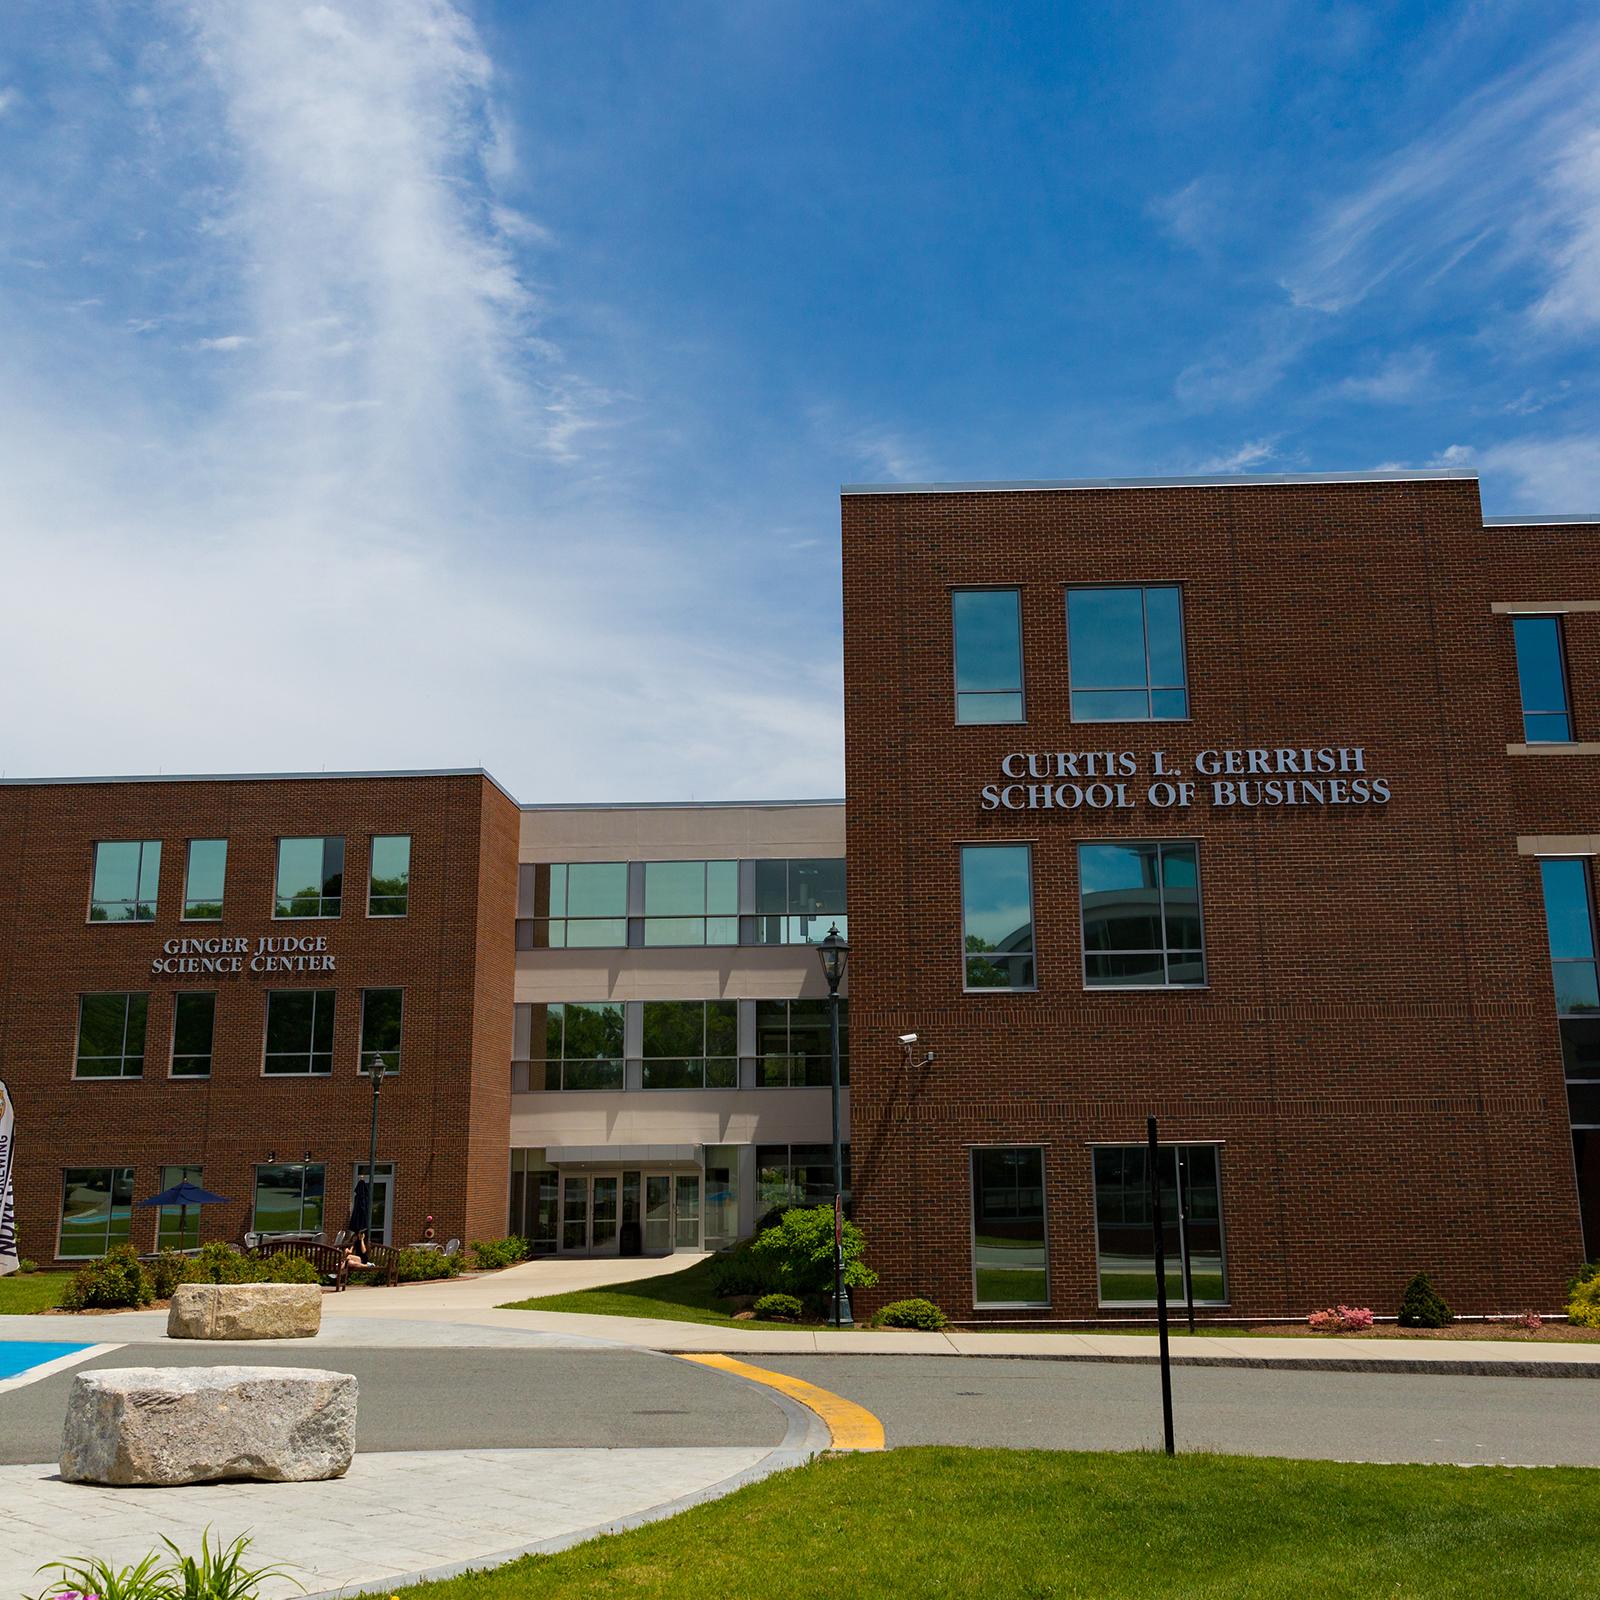 School of business endicott college for Endicott college interior design